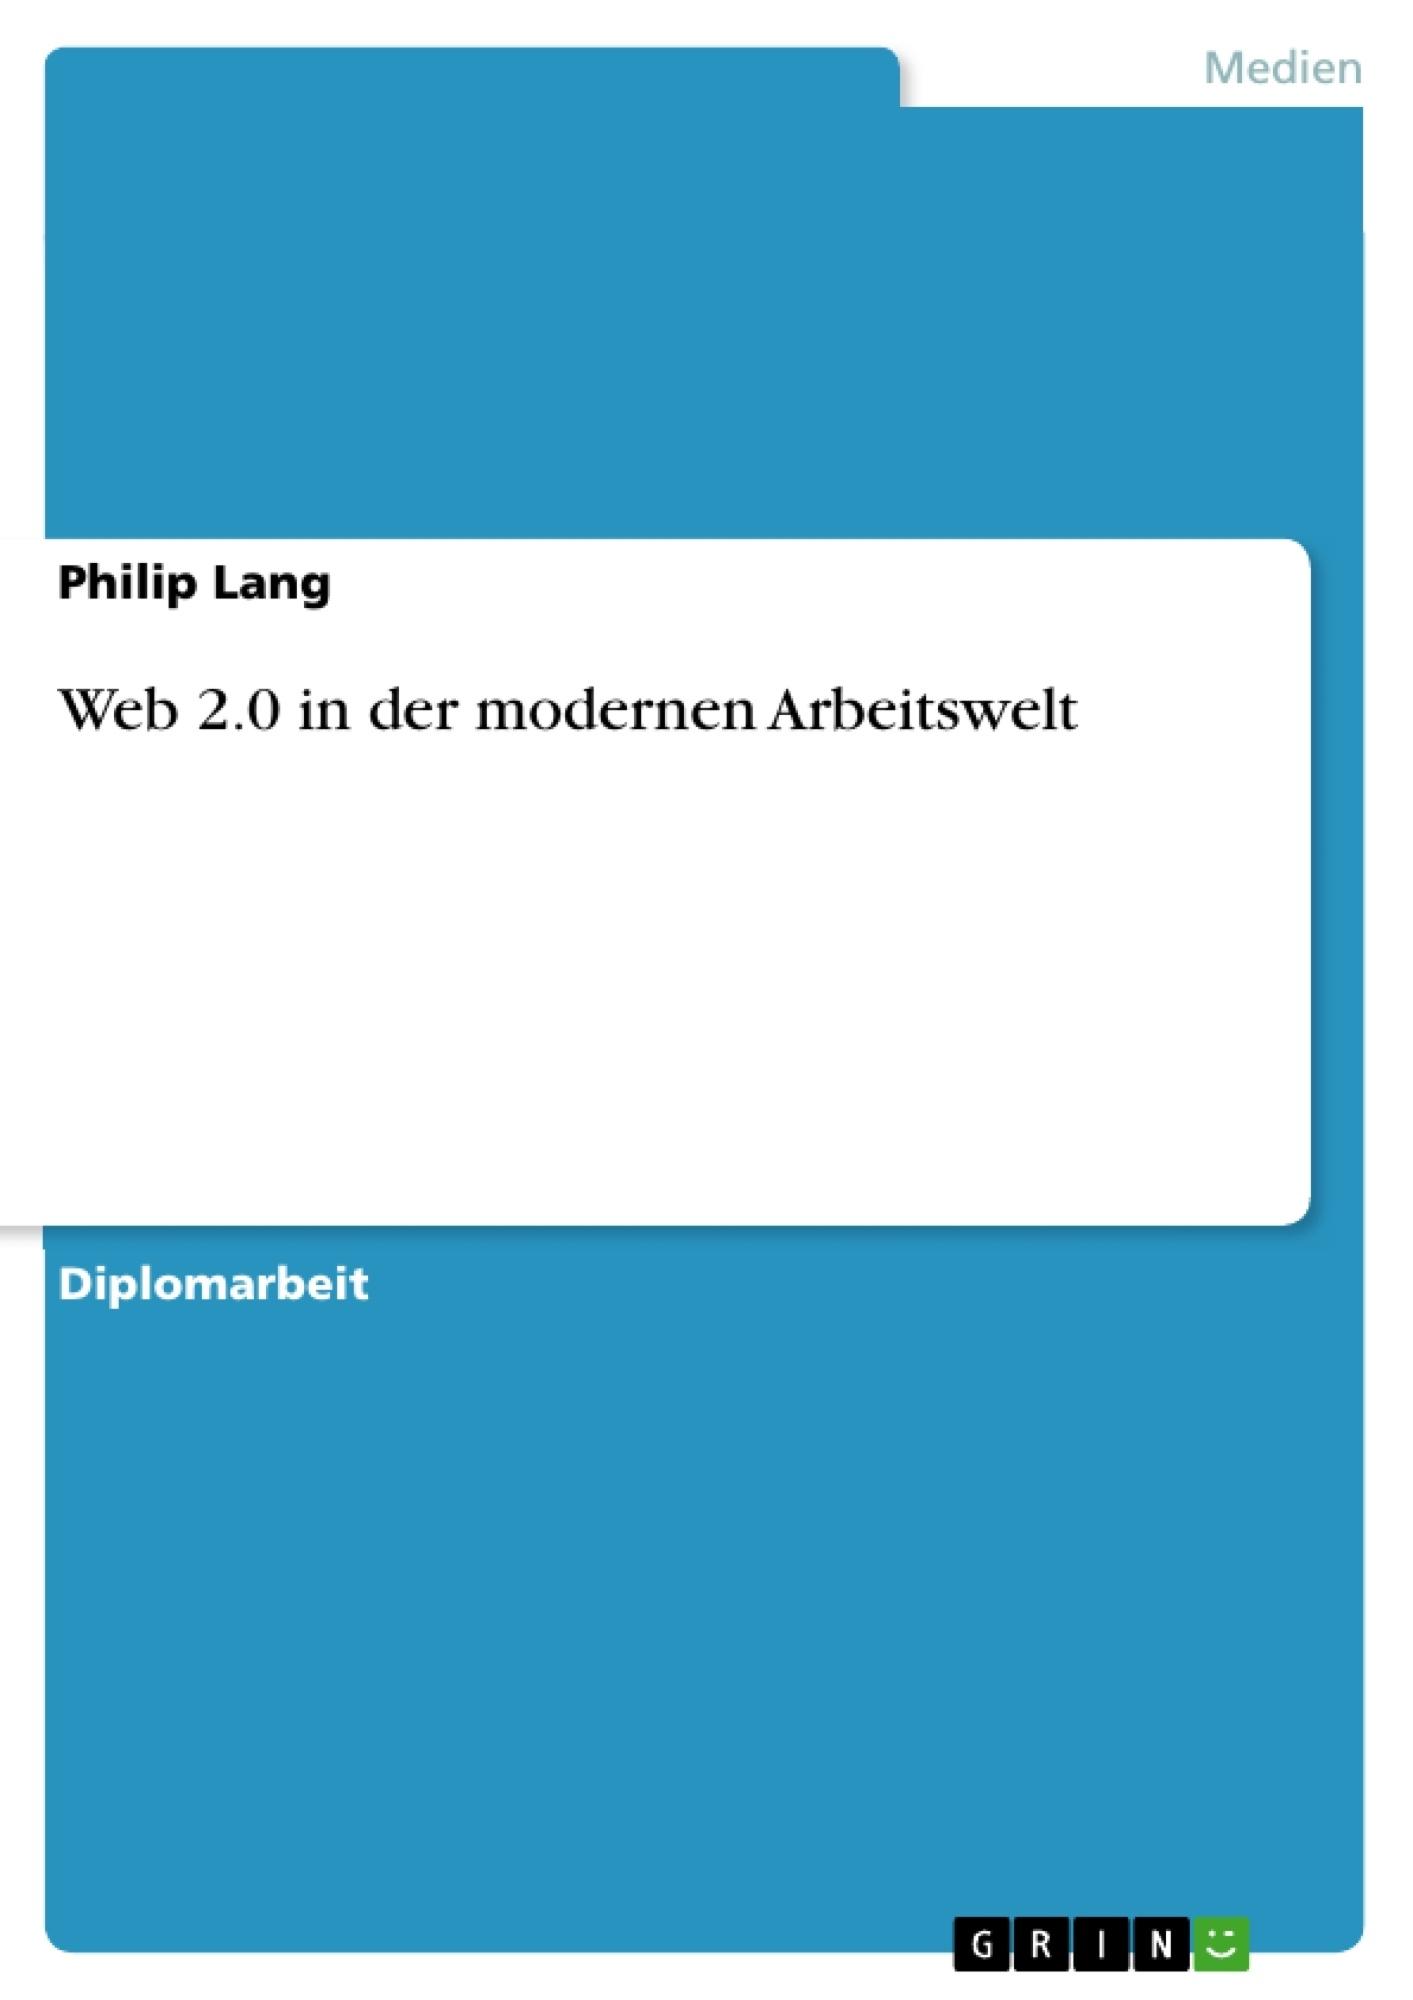 Titel: Web 2.0 in der modernen Arbeitswelt